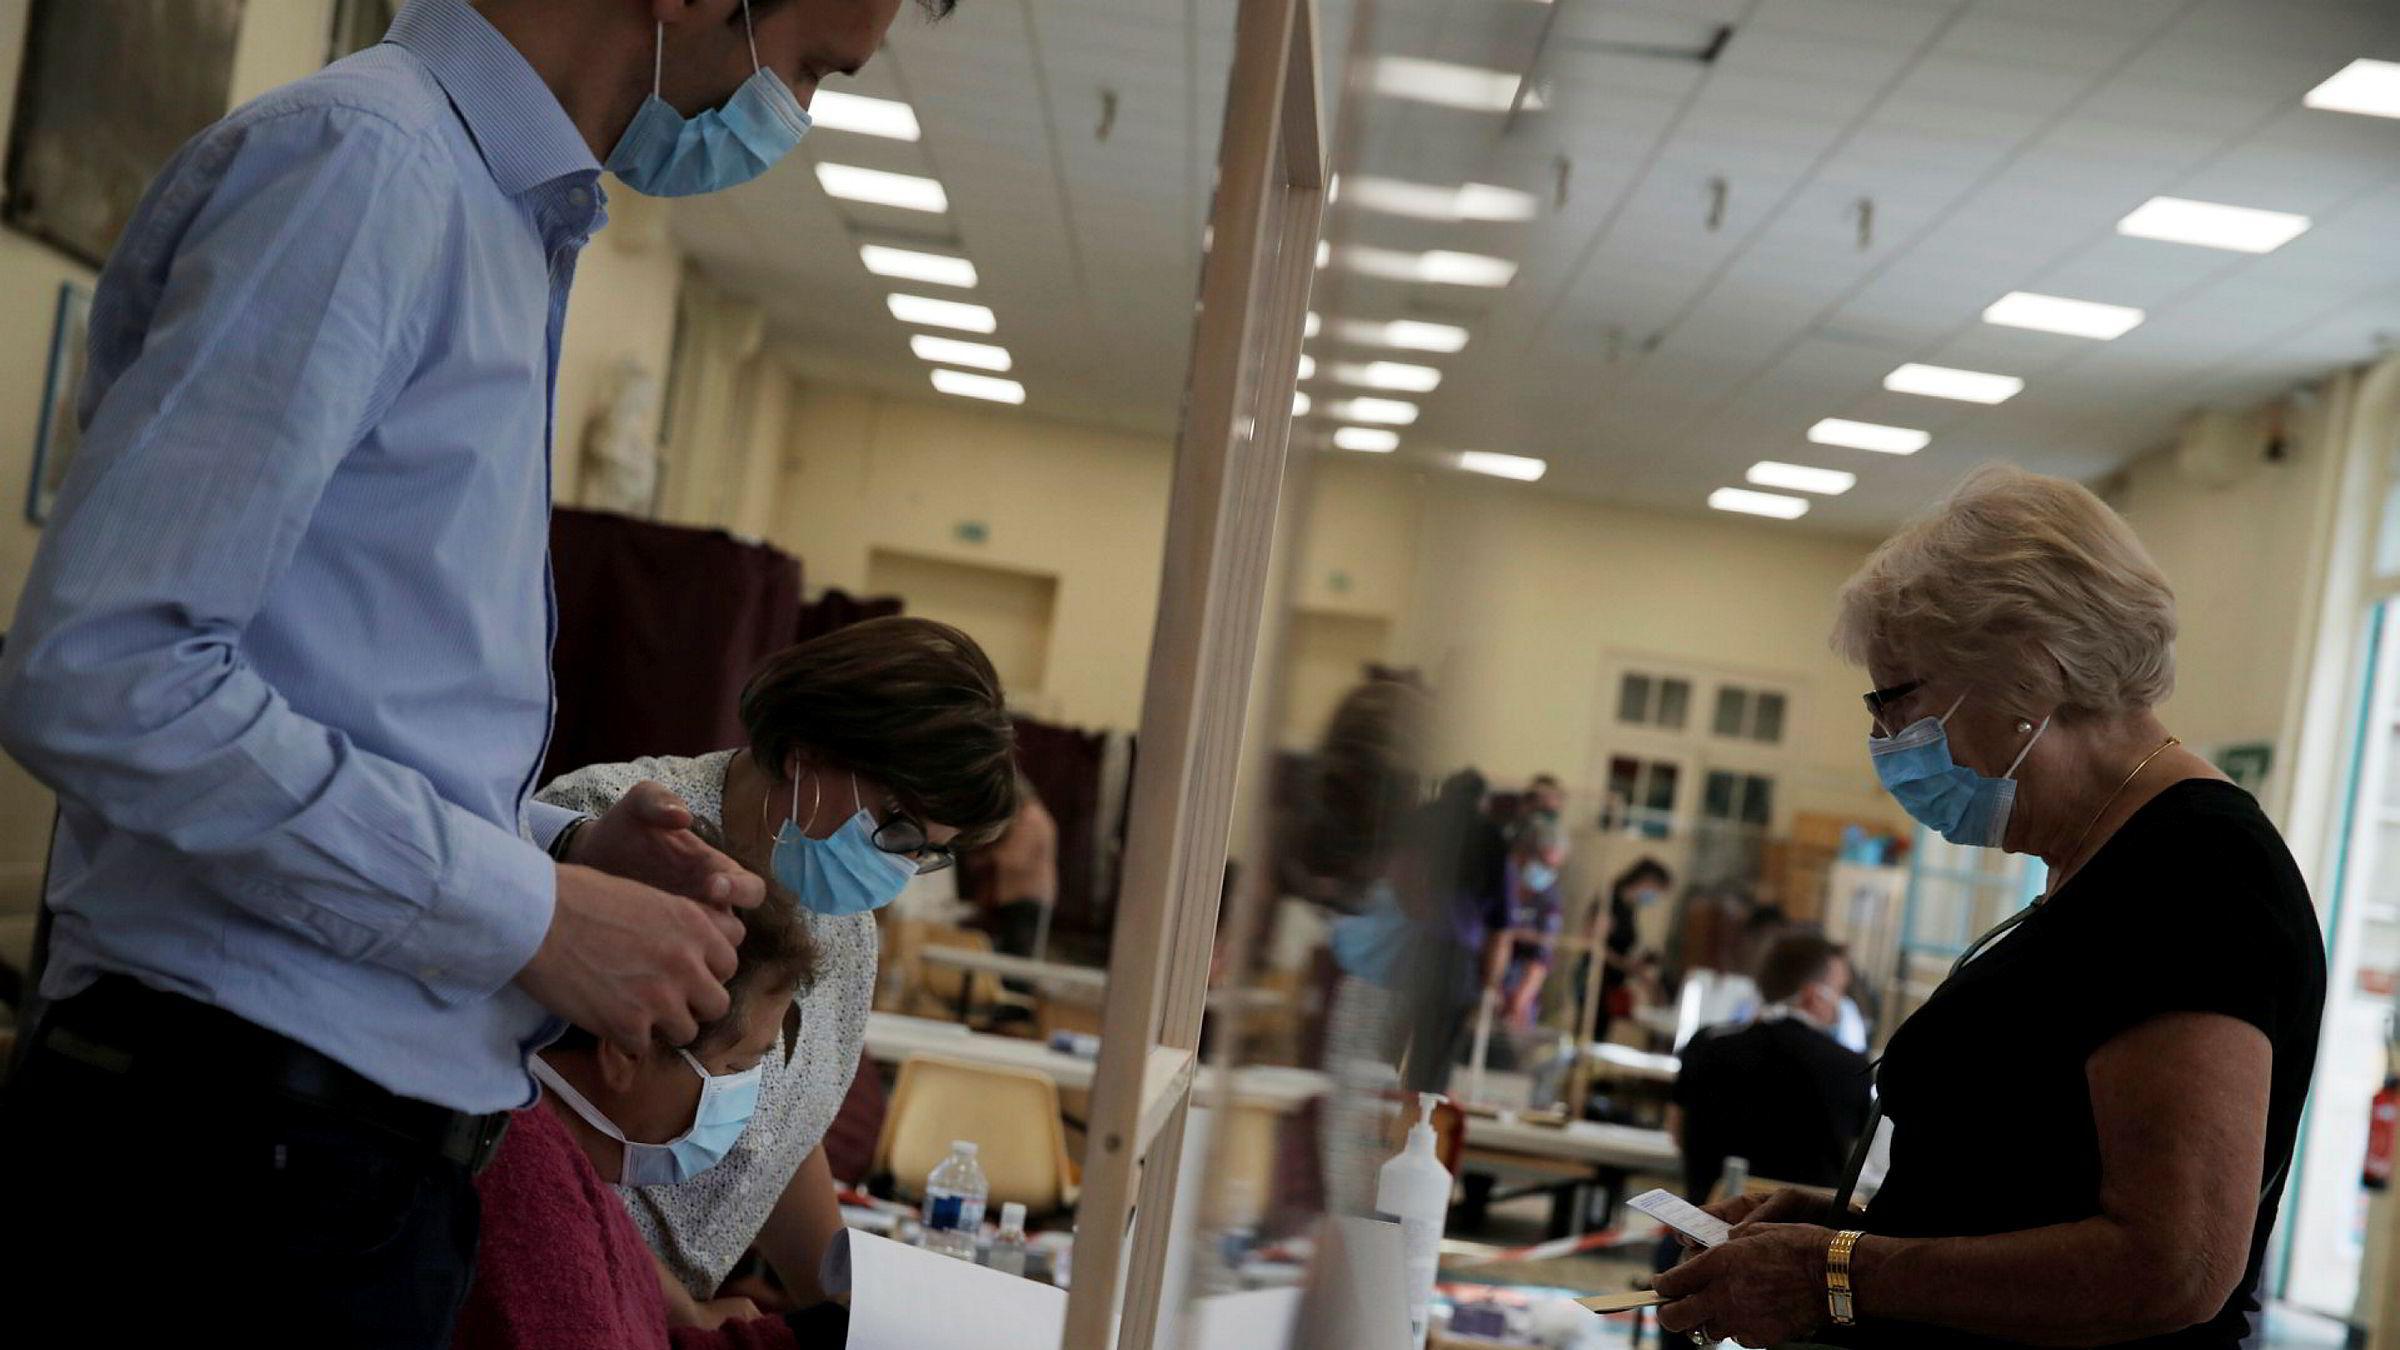 Frankrike holder andre valgrunde i lokalvalget etter at valget først ble utsatt på grunn av koronapandemien. Velgerne var påbudt å ha å seg ansiktsmasker. Valgdeltagelsen ser ut til å bli svært lav. Her fra et valglokale i Paris.